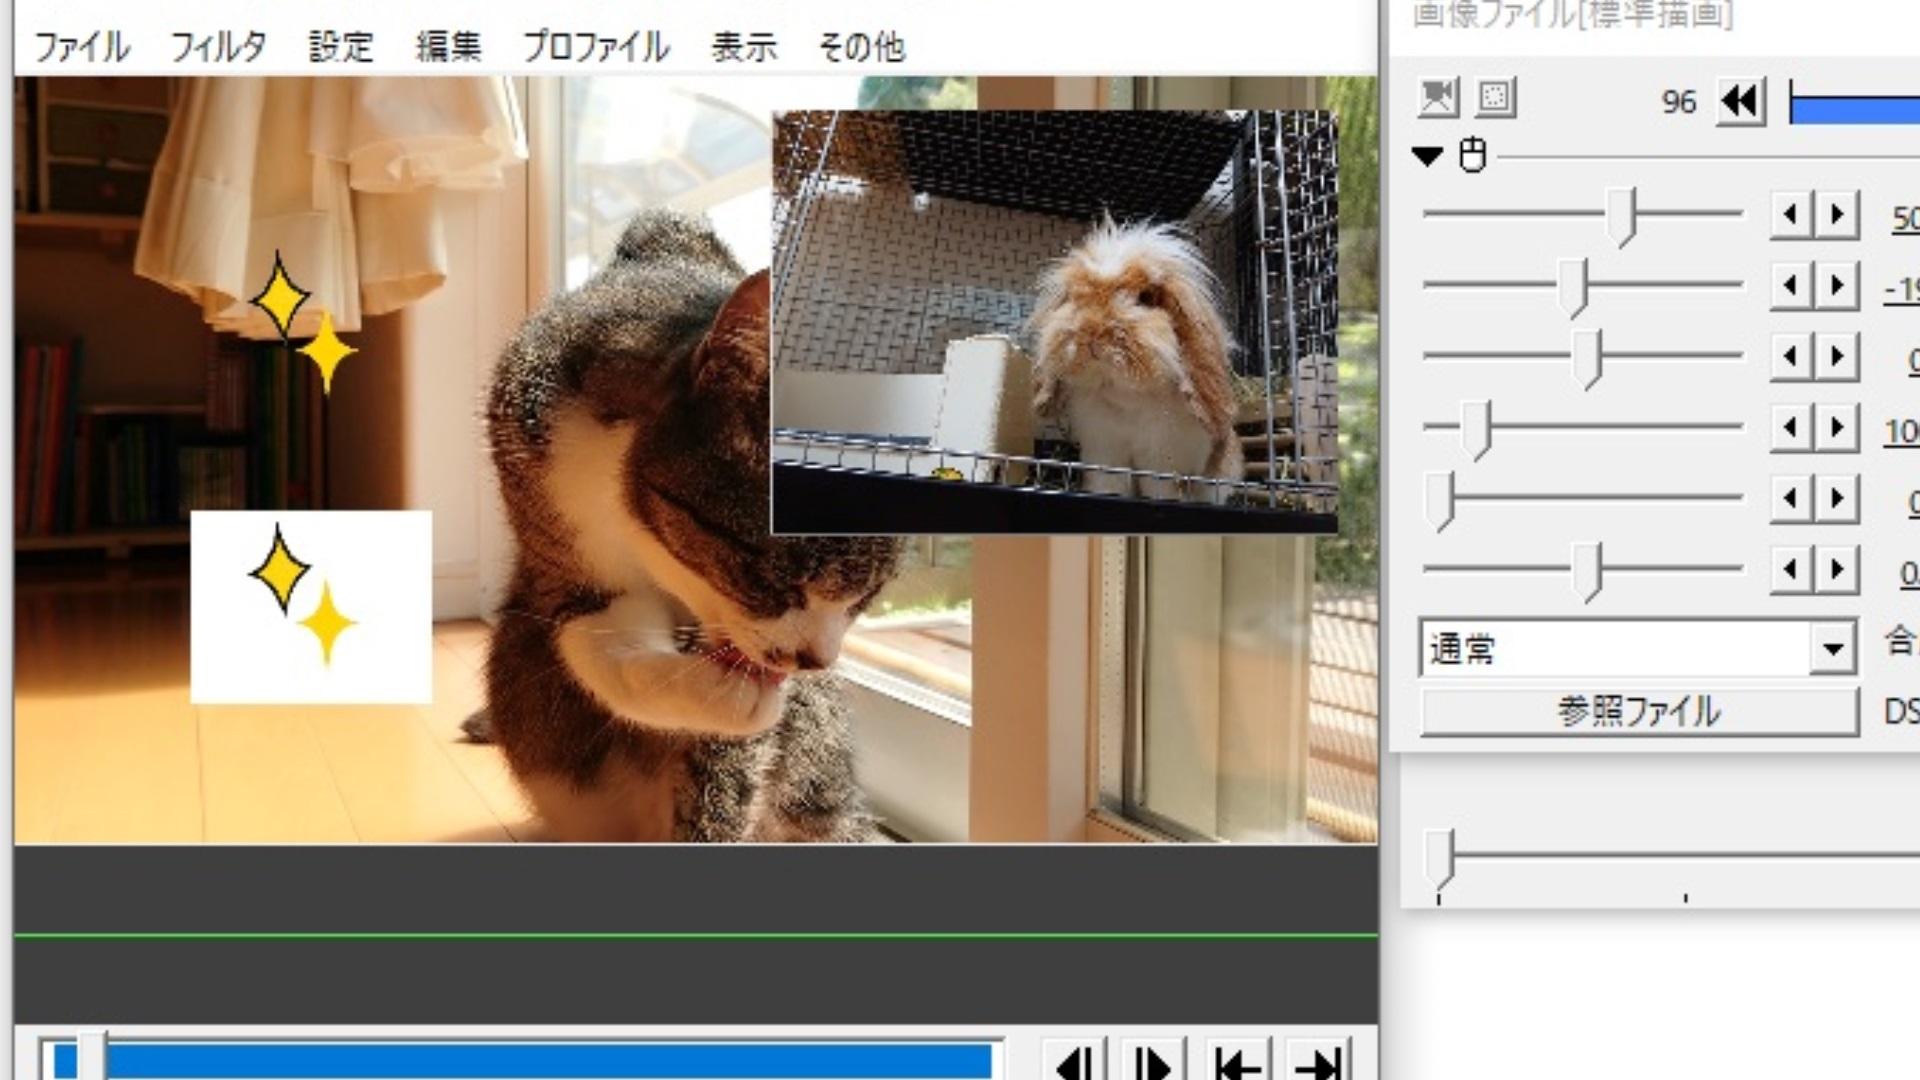 イラストだけでなく、写真などの画像は基本的に同じ方法でできます。